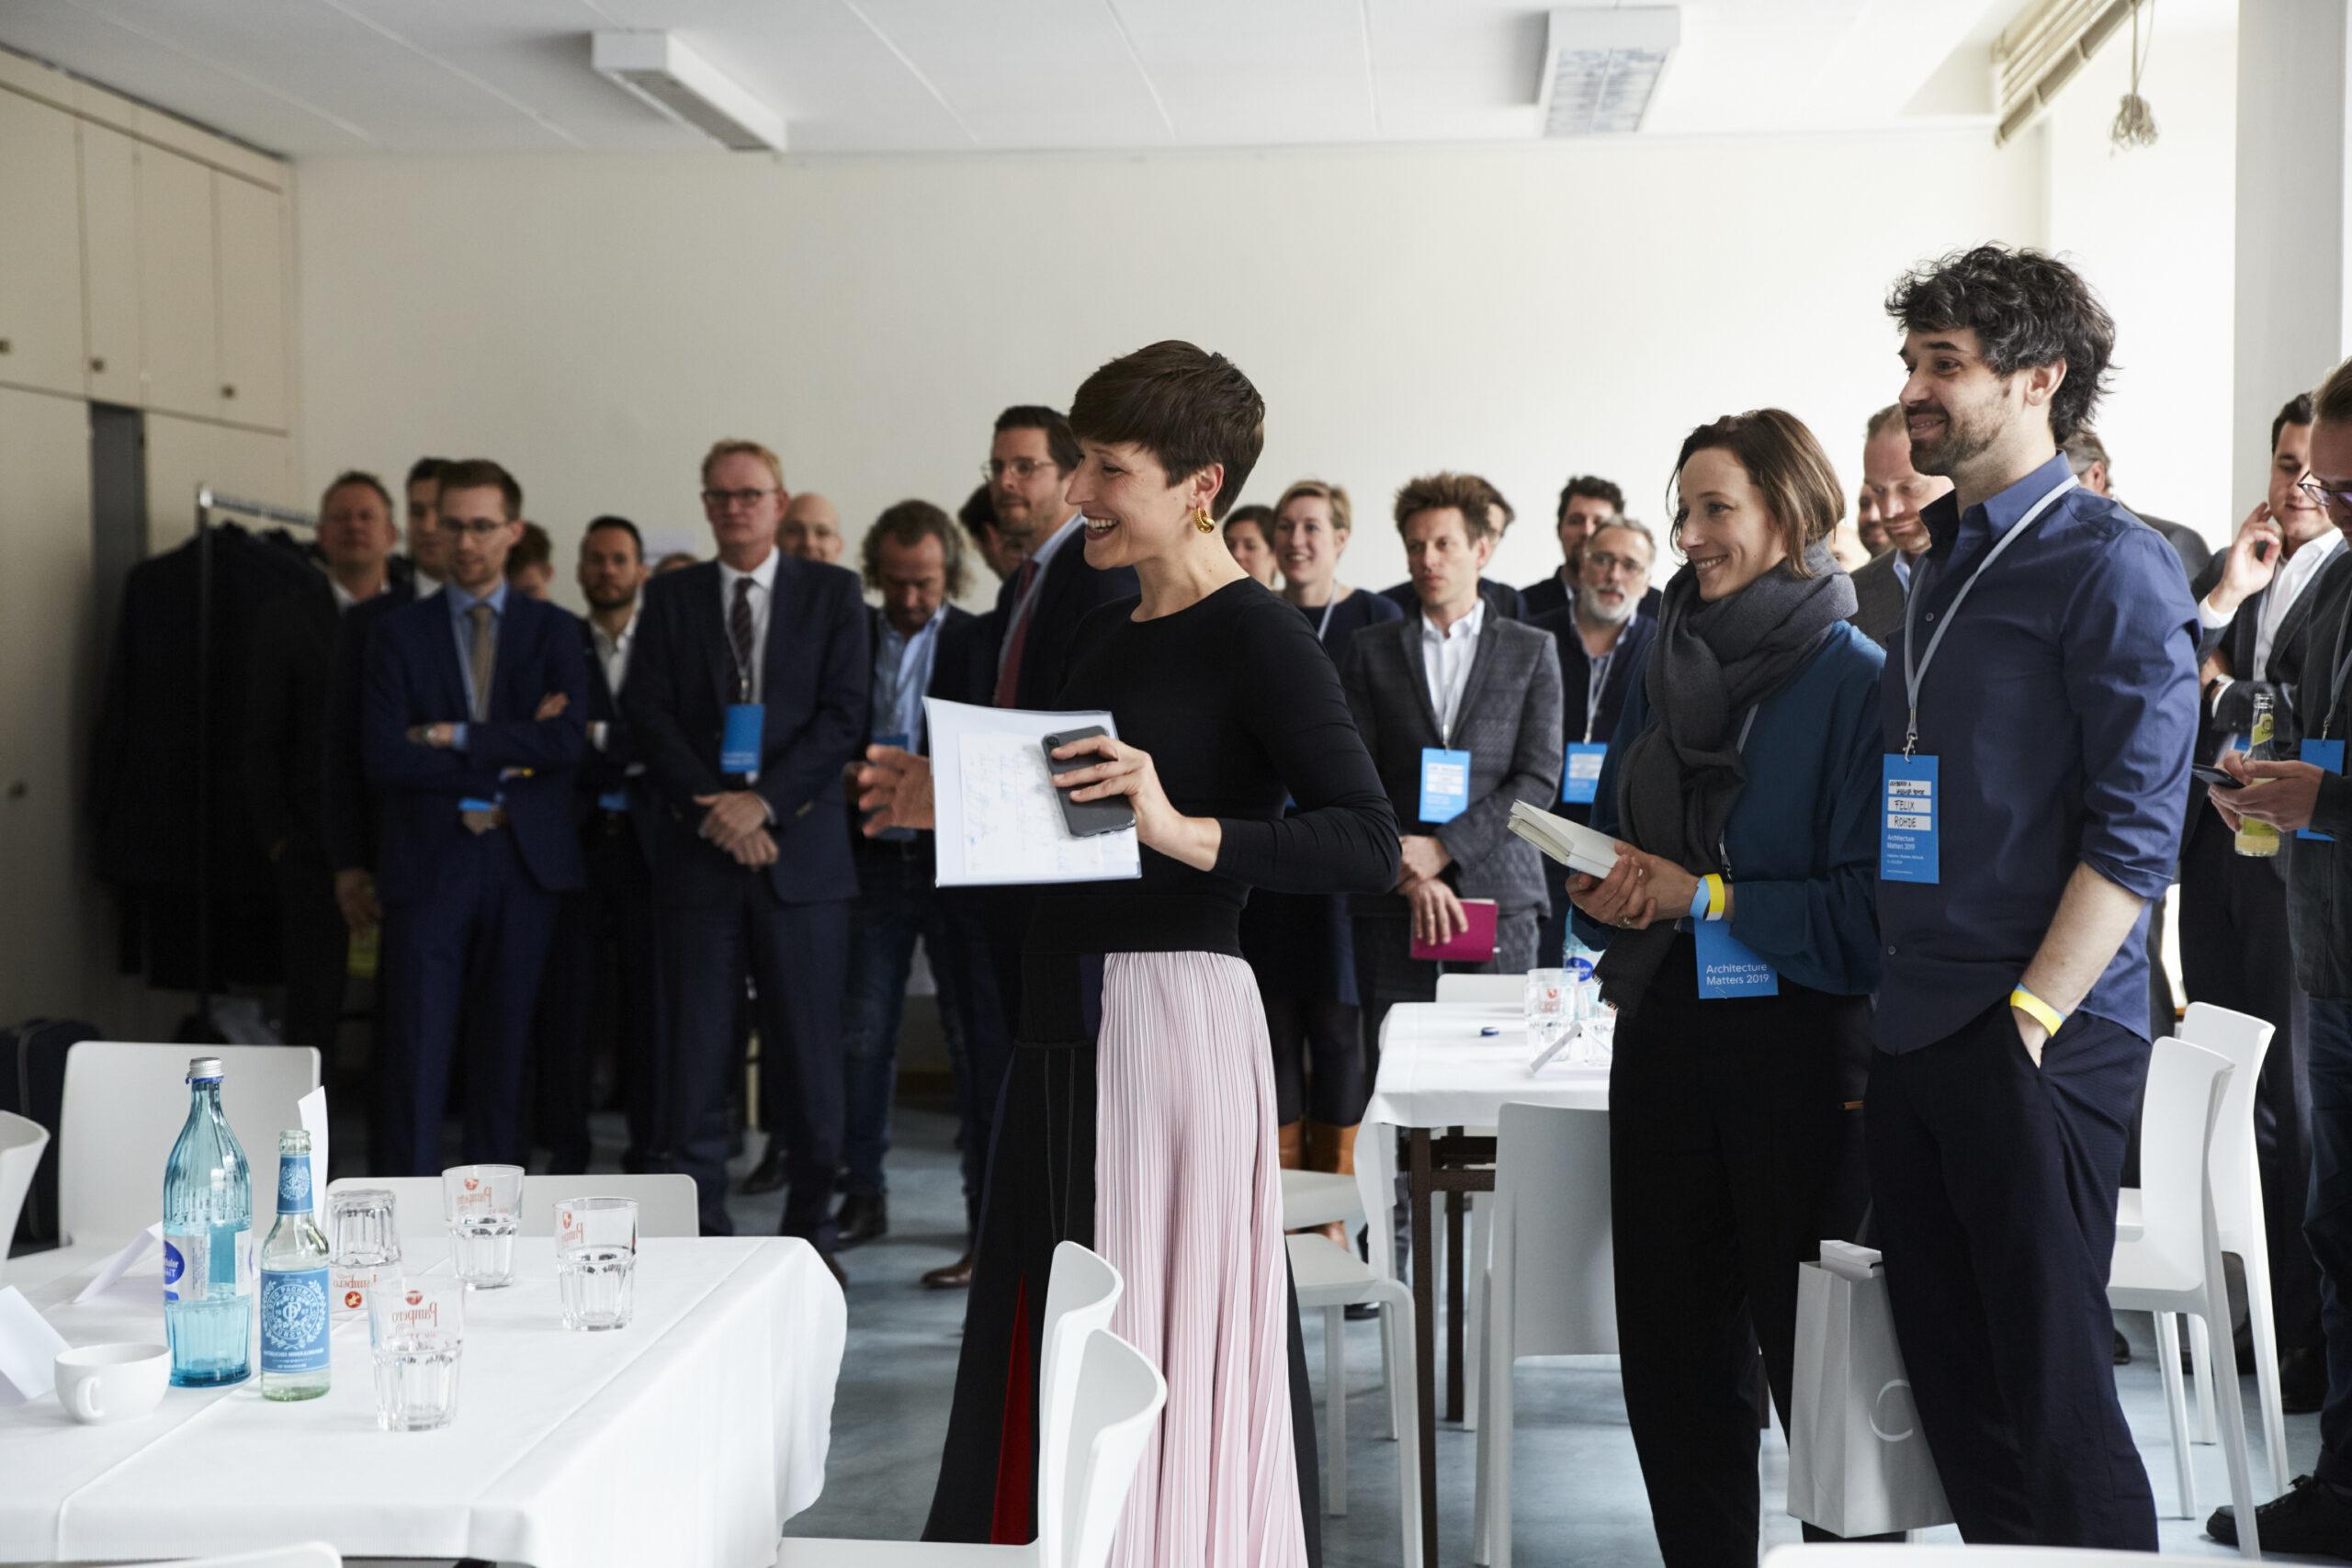 Nadin Heinich, Moderation Speed Dating, Architecture Matters Konferenz 2019 in der Alten Akademie München